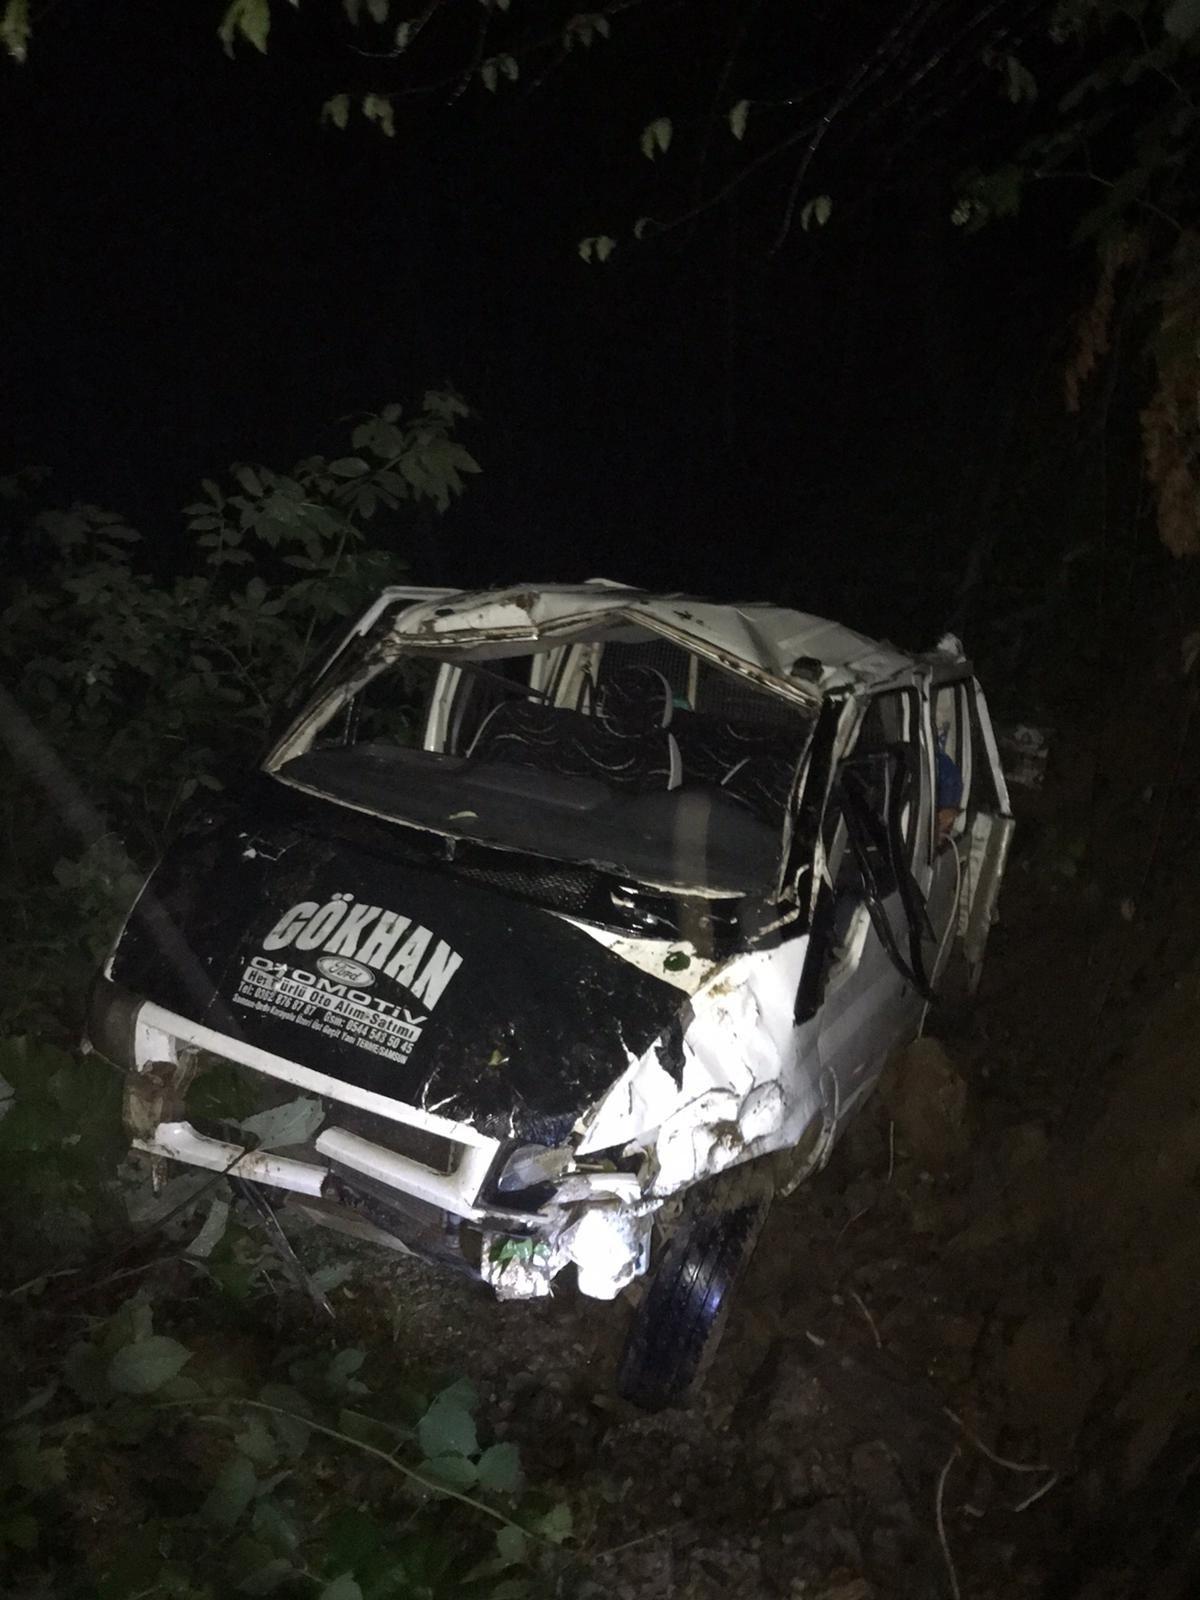 Yayladan dönen araç uçuruma yuvarlandı: 1 ölü, 10 yaralı